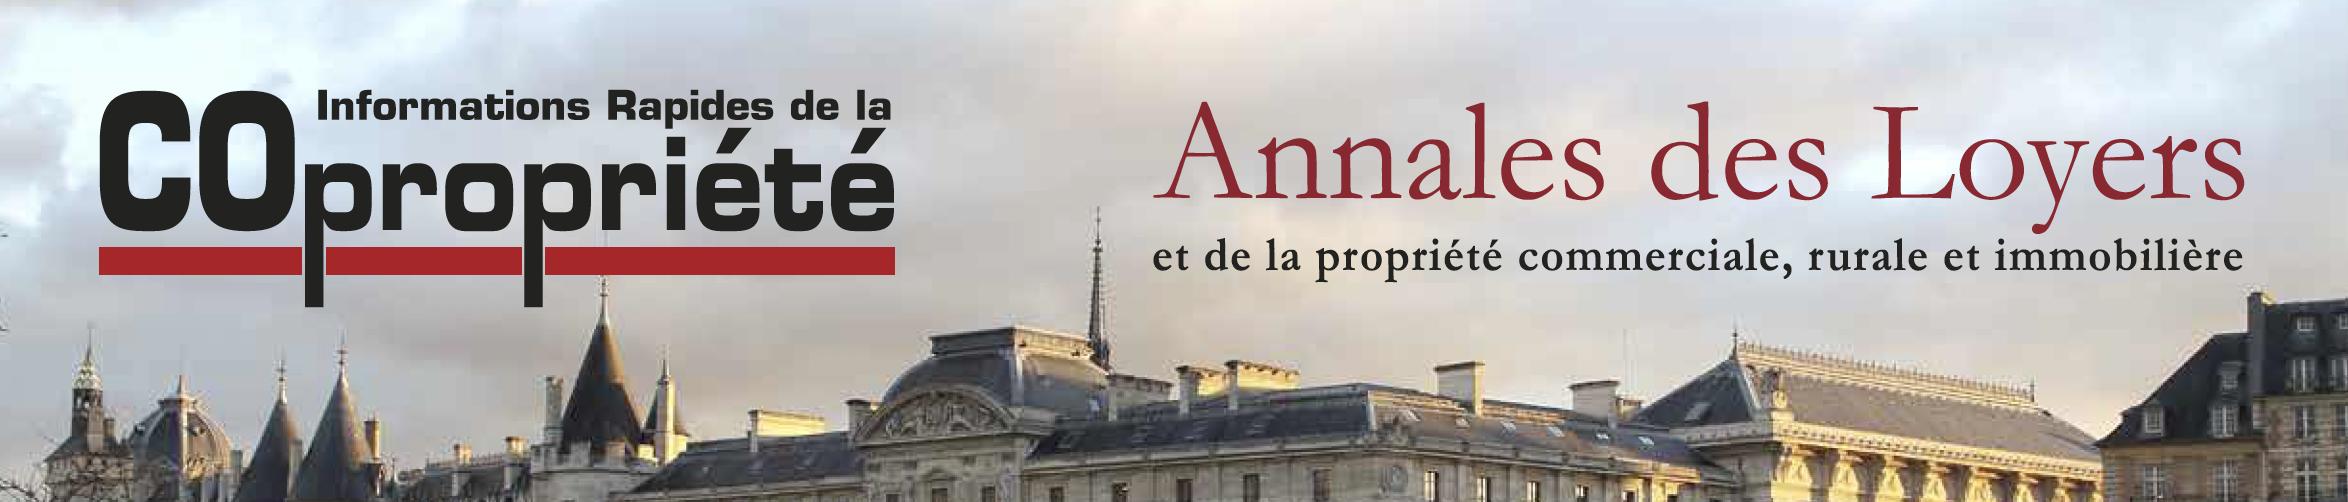 Formation Grands arrets Copropriété 2020